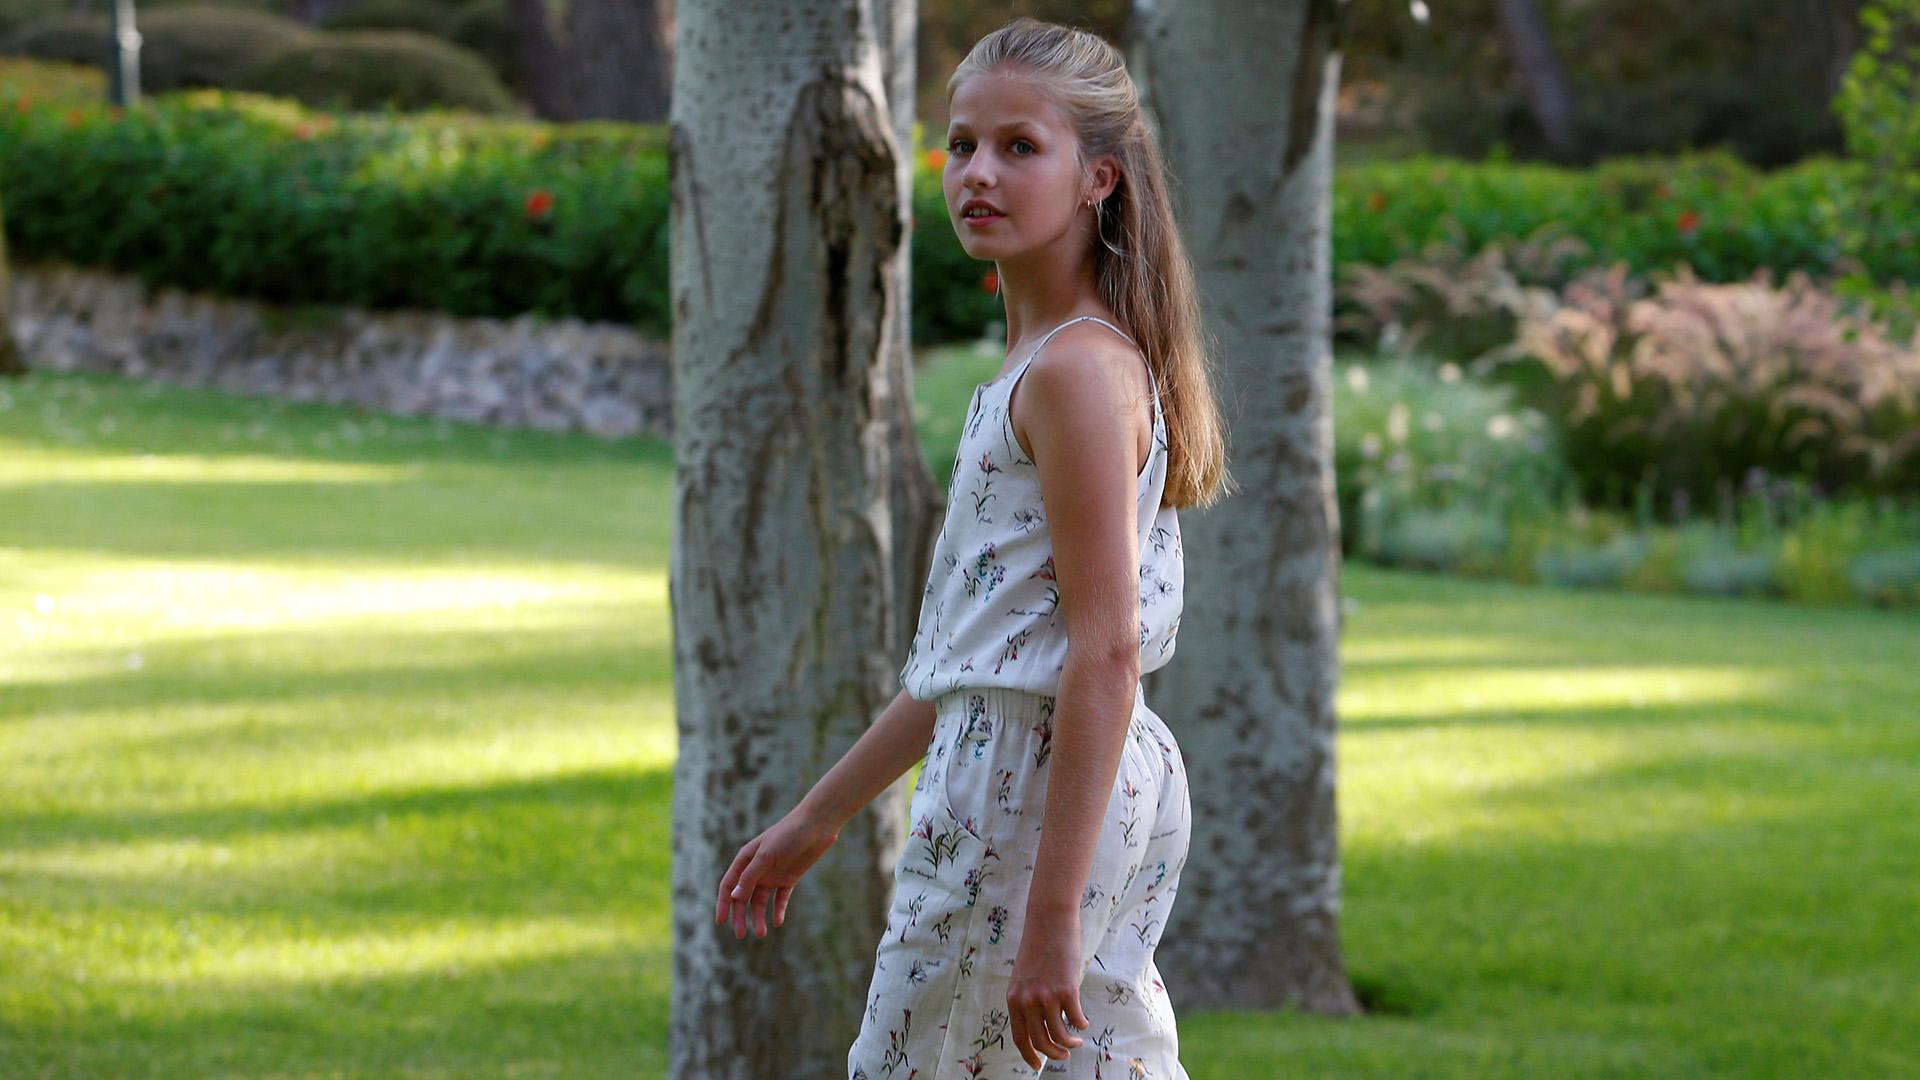 La princesa Leonor a sus 13 años ya recibe formación protocolar para convertirse en la futura heredera del trono español. Para la sesión lució un mono estampado